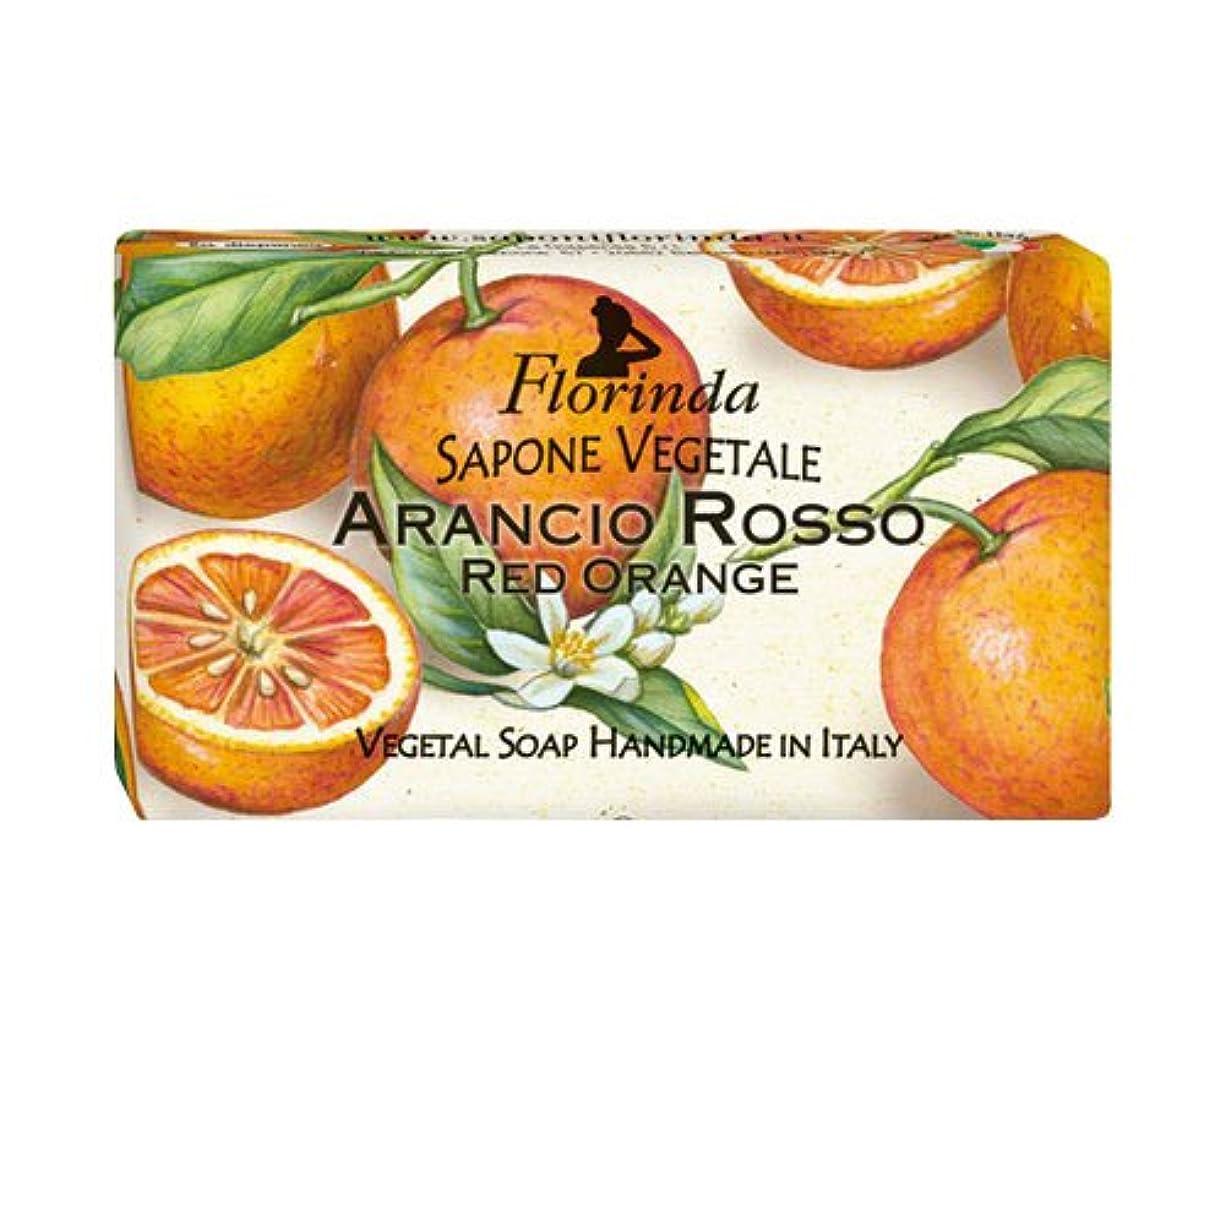 鉄道偏見破壊するフロリンダ フレグランスソープ フルーツ レッドオレンジ 95g